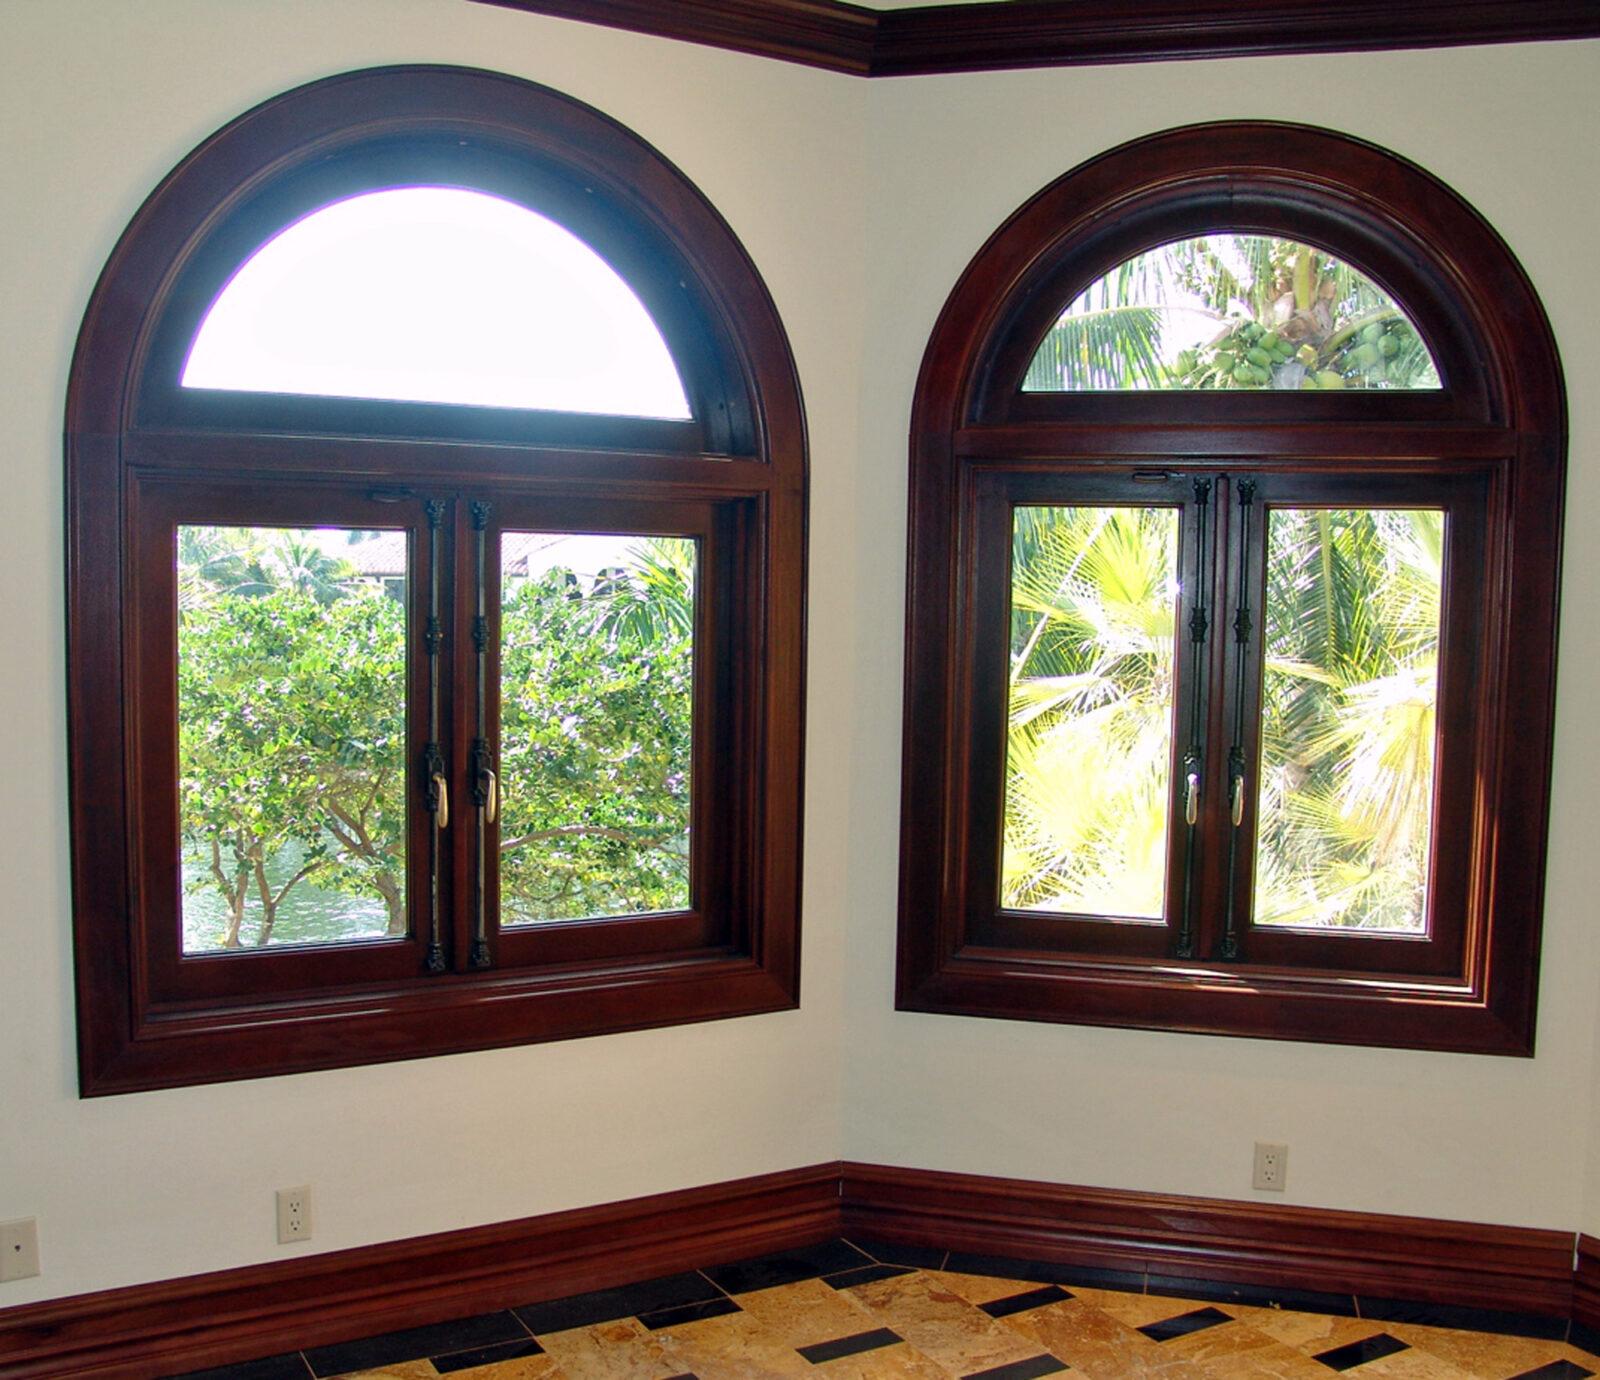 NURMI ISLAND MAHOGANY ARCHED WINDOWS